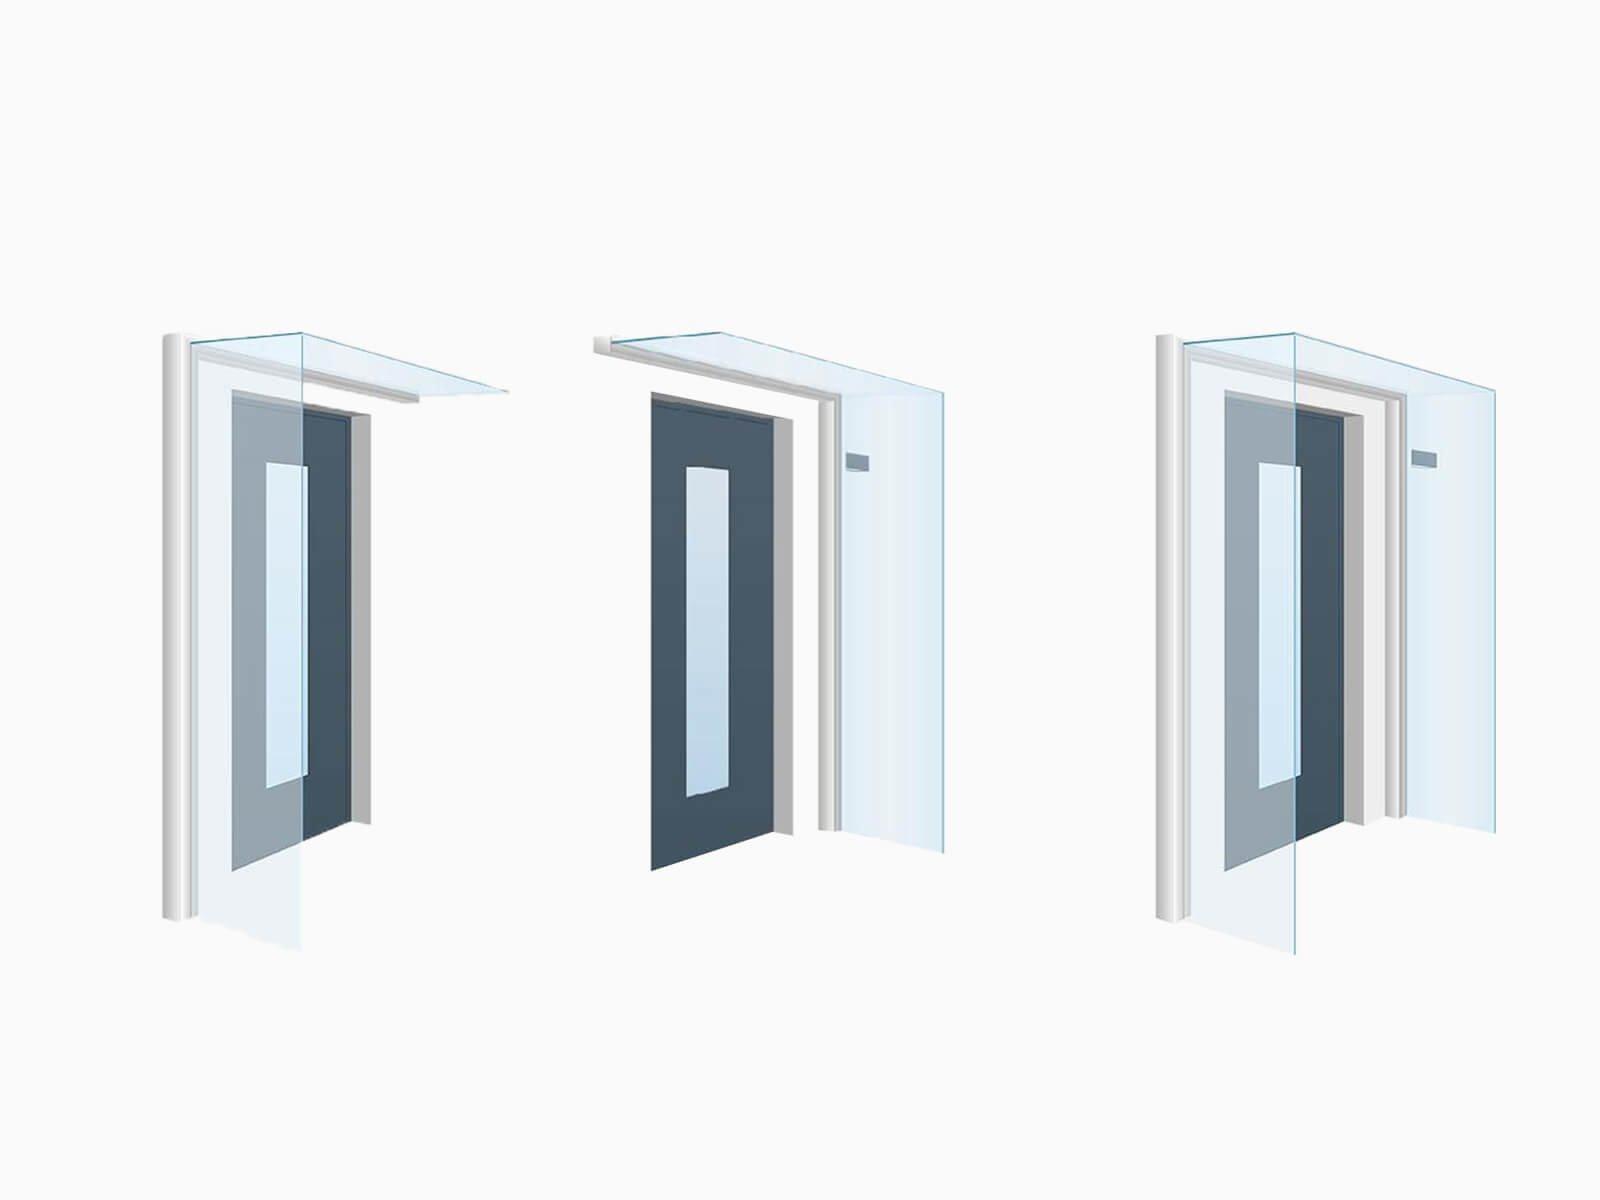 Glasvordach mit Windschutz rechts links und beidseitig